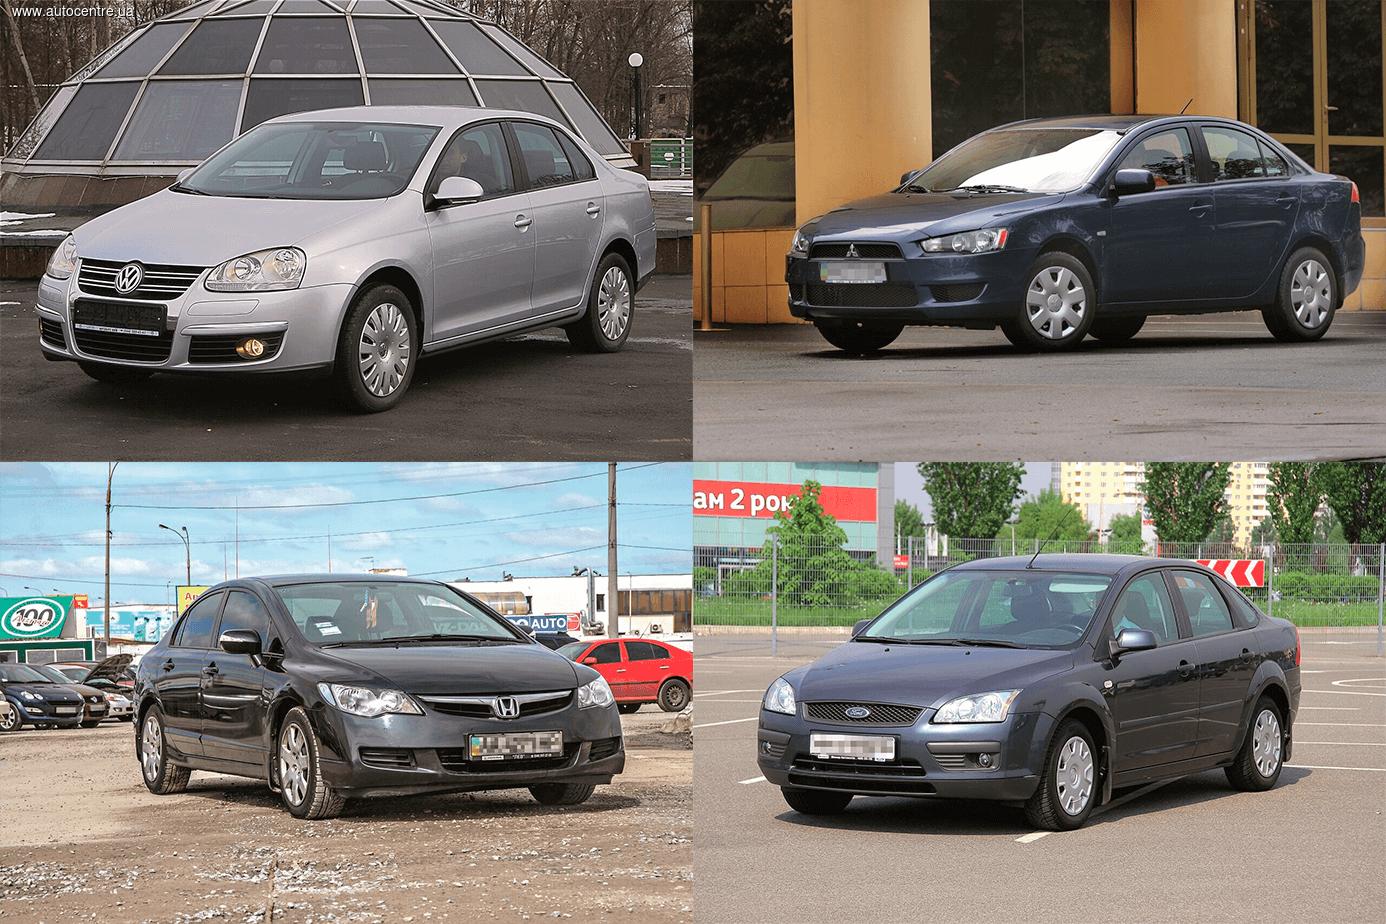 Сравнительный обзор б/у седанов: Ford Focus, Honda Civic, Mitsubishi Lancer X и VW Jetta V